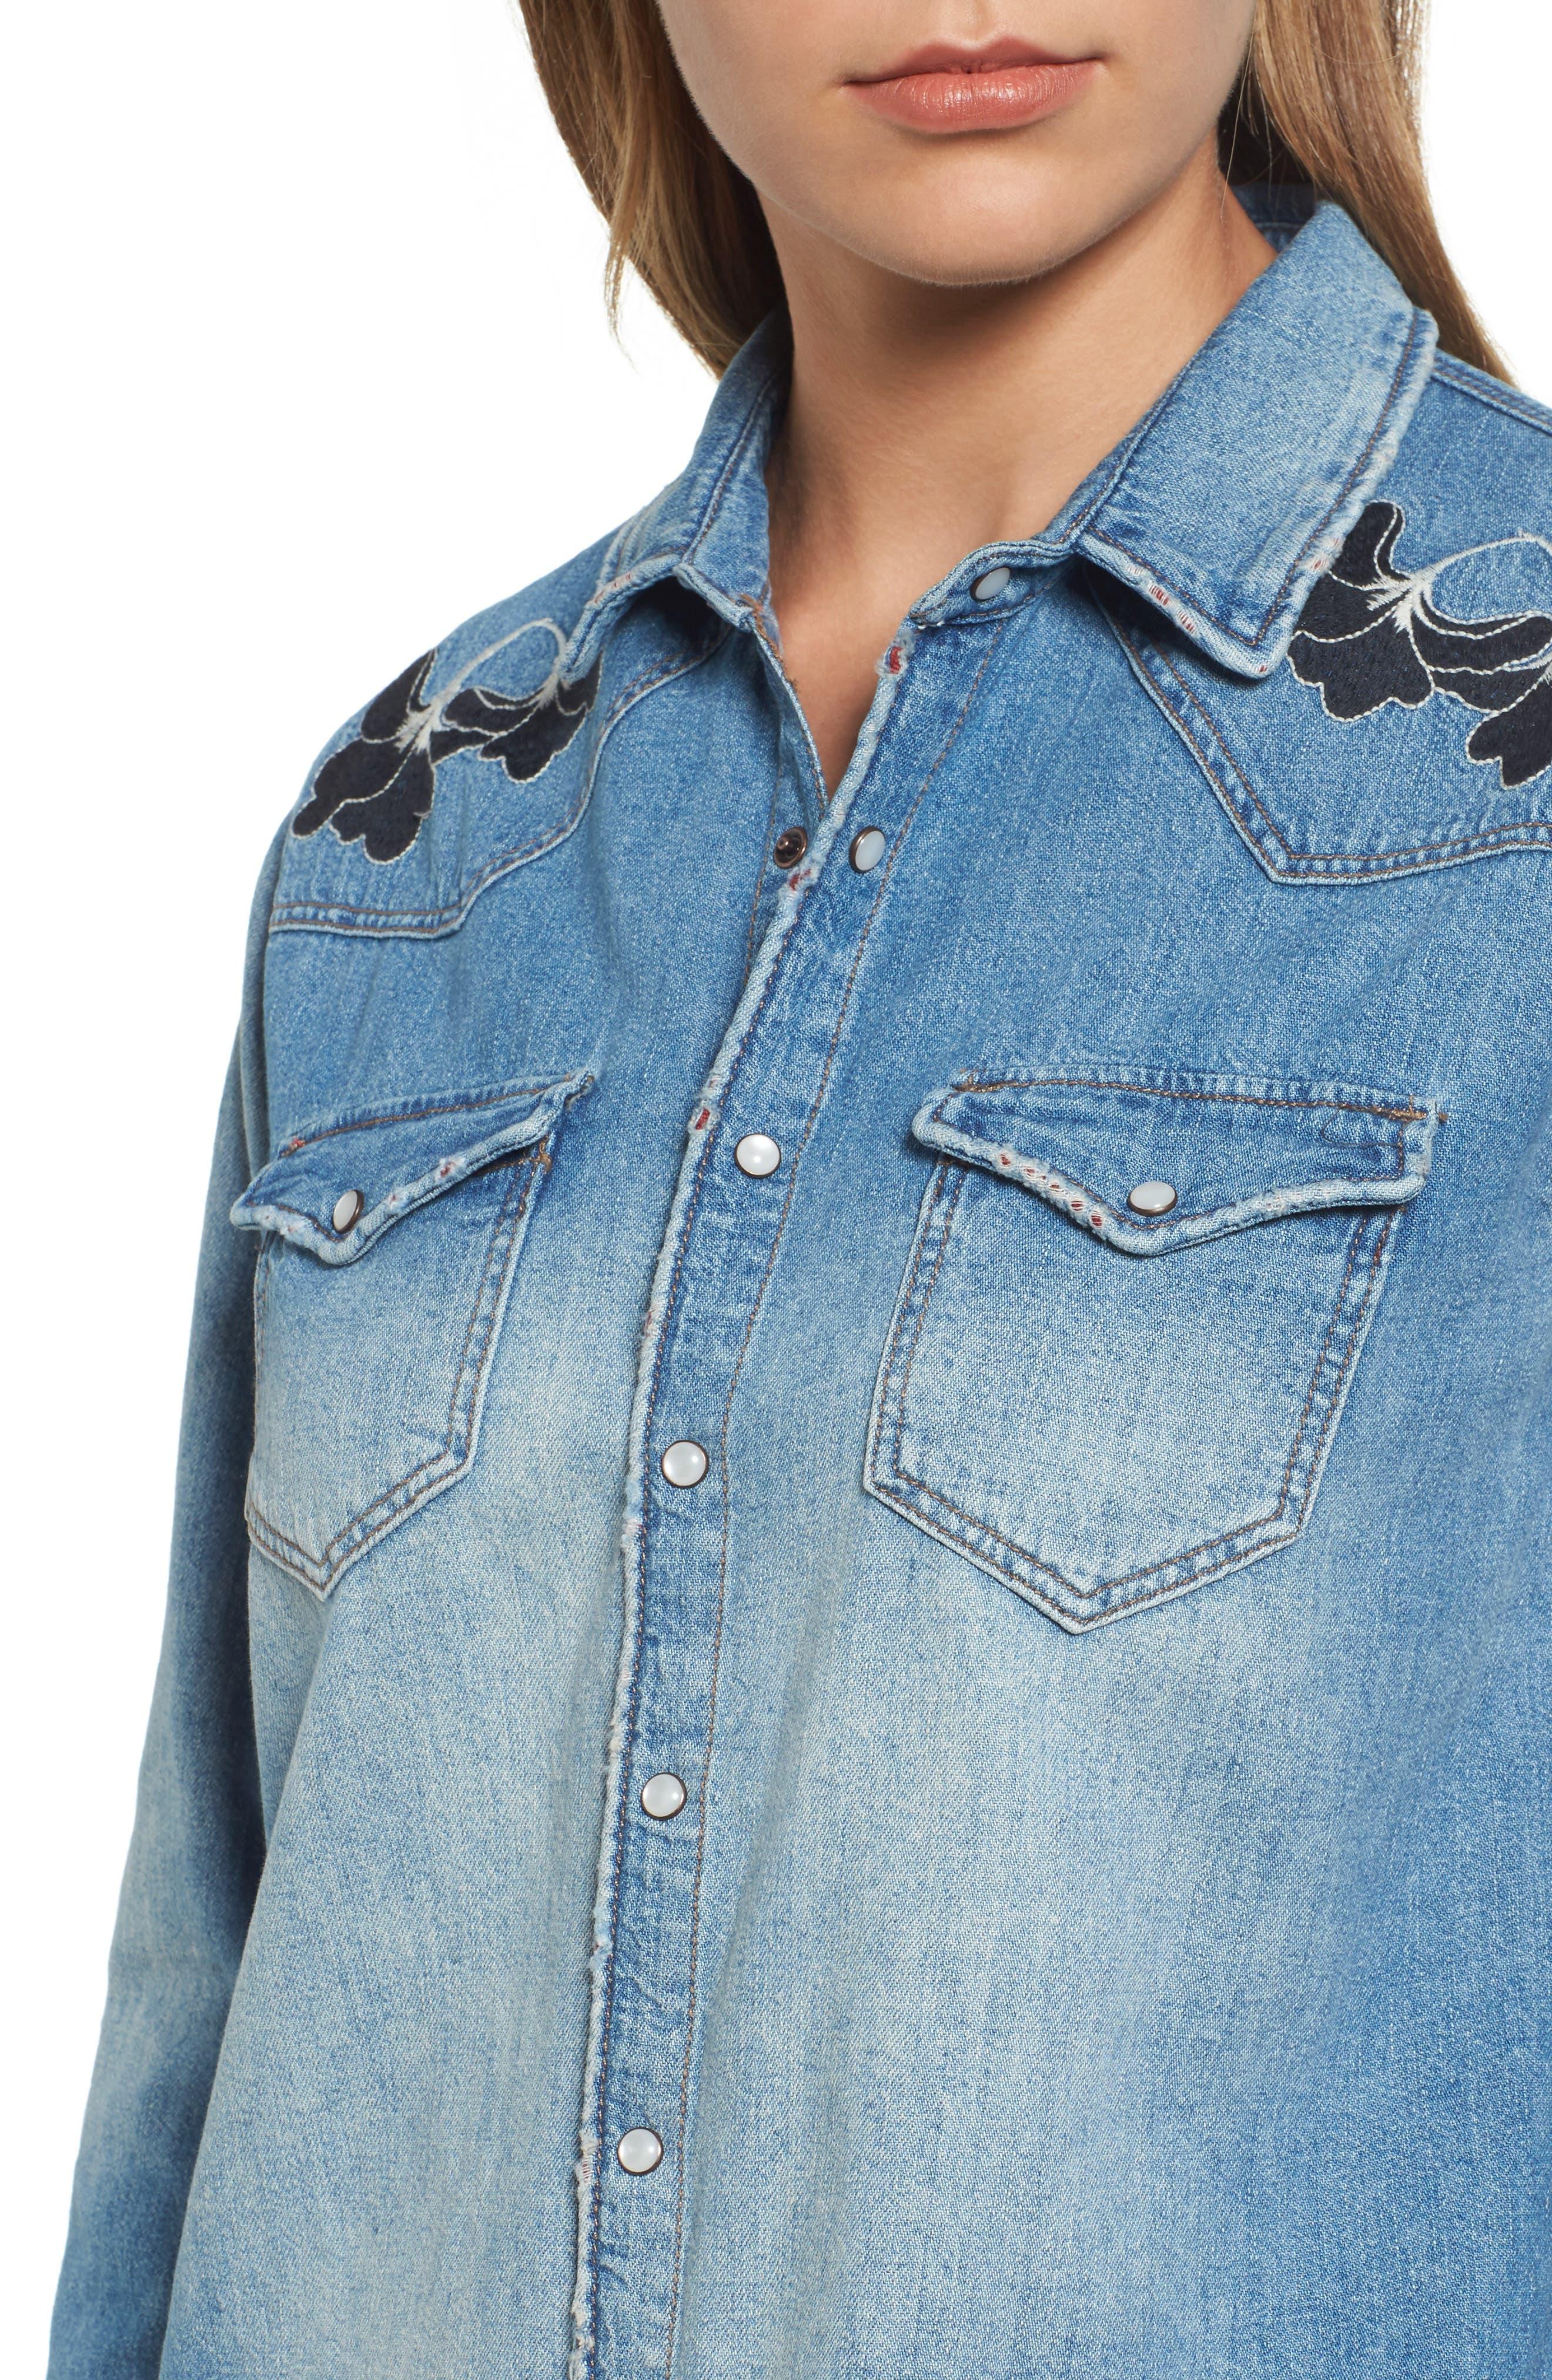 Vintage Rose Embroidered Denim Shirt,                             Alternate thumbnail 4, color,                             Vintage Rose Embroidery